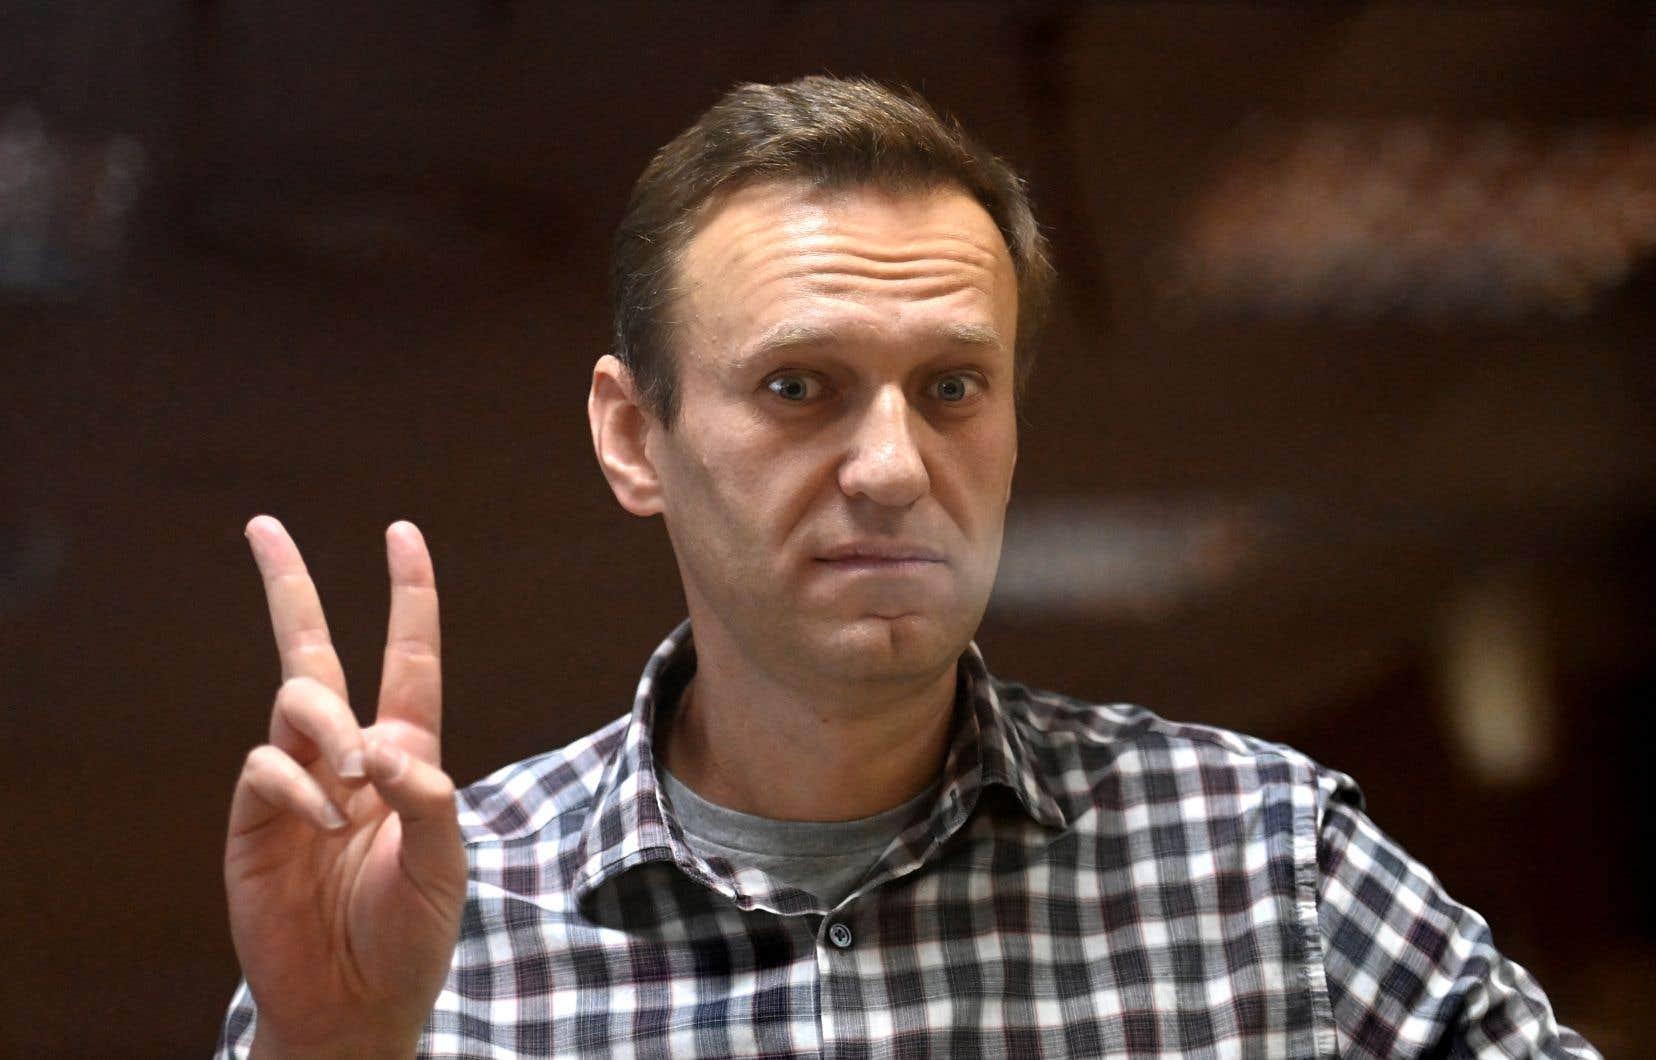 L'opposant russe Alexeï Navalny dans un tribunal de Moscou le 20 février